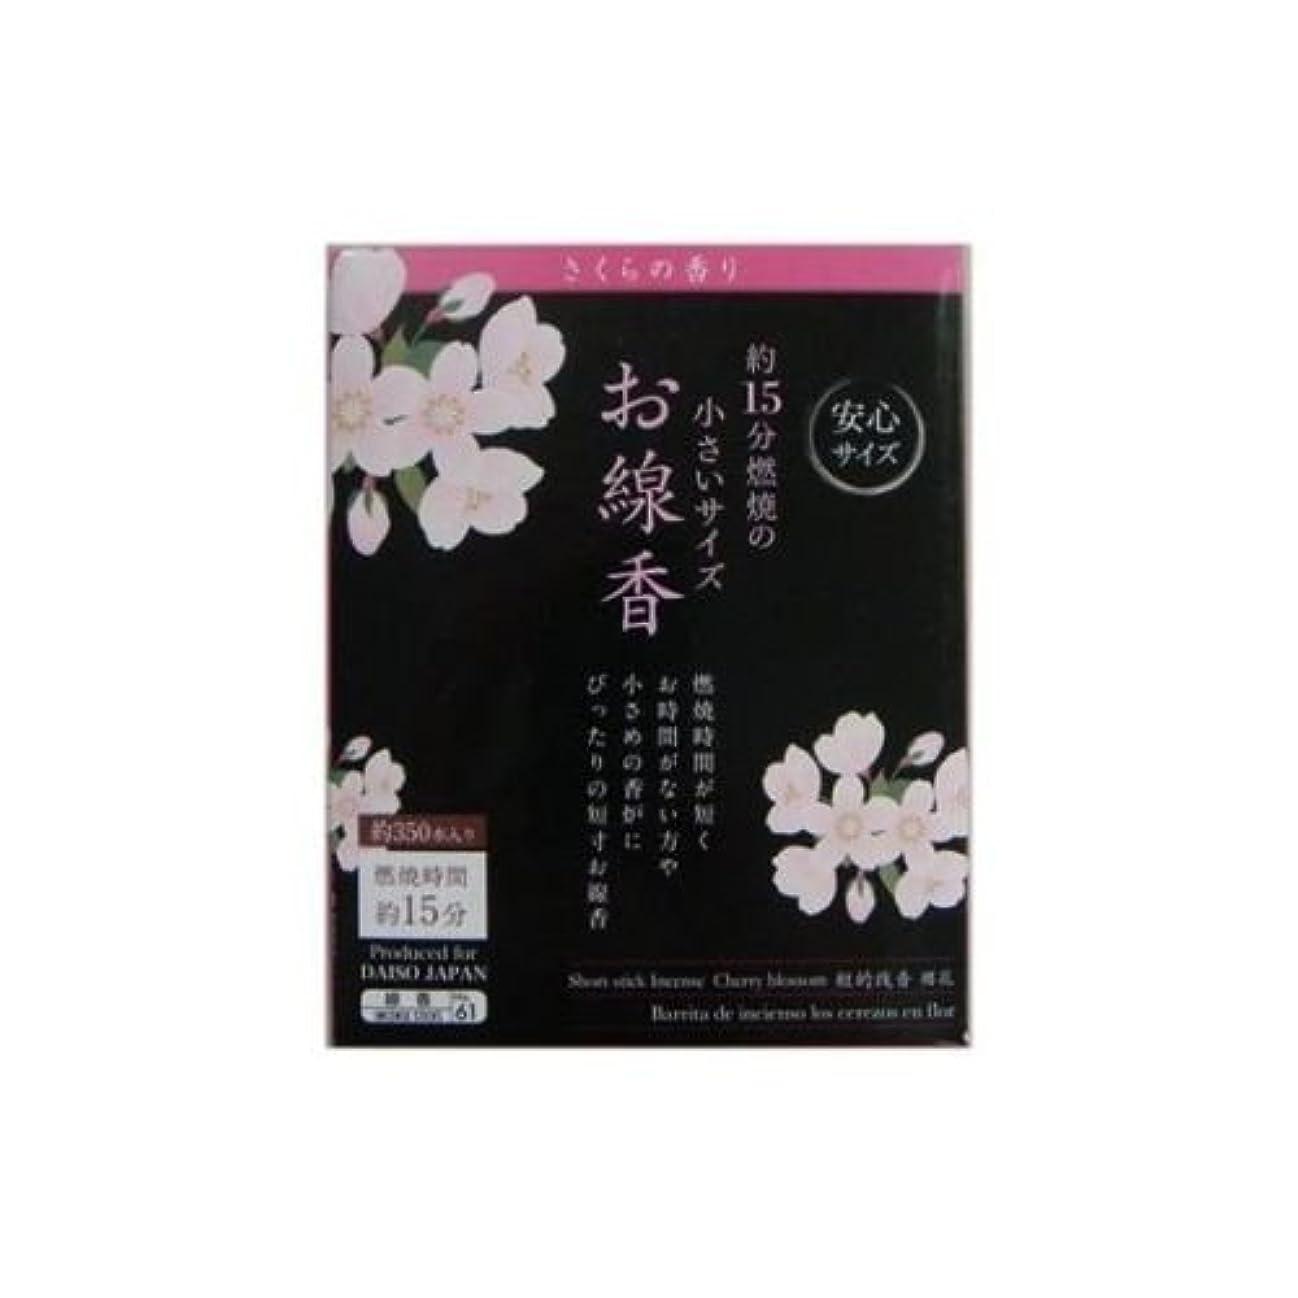 ライナー癒す冬Daiso Senko Japanese Incense桜ショートスティック9 cm-15min / 350 sticks